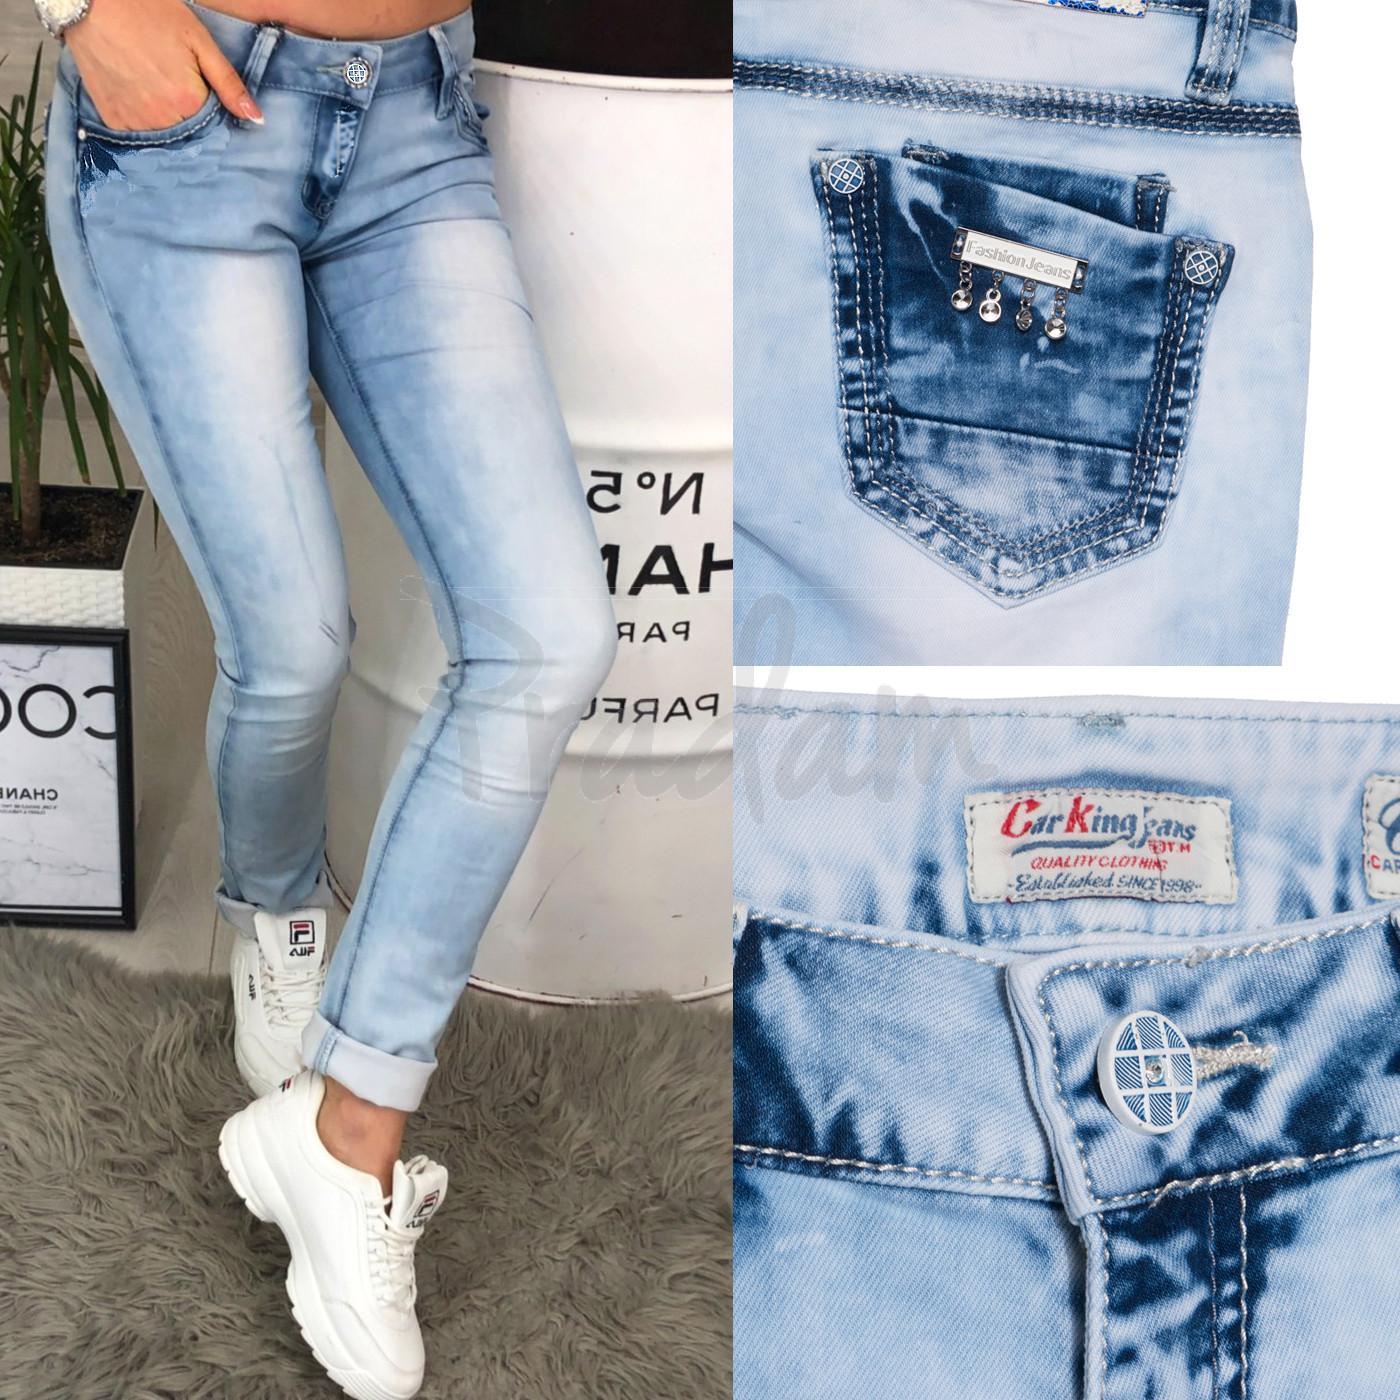 0000-00 Car King джинсы женские с варкой весенние стрейчевые (25-30, 6 ед.)